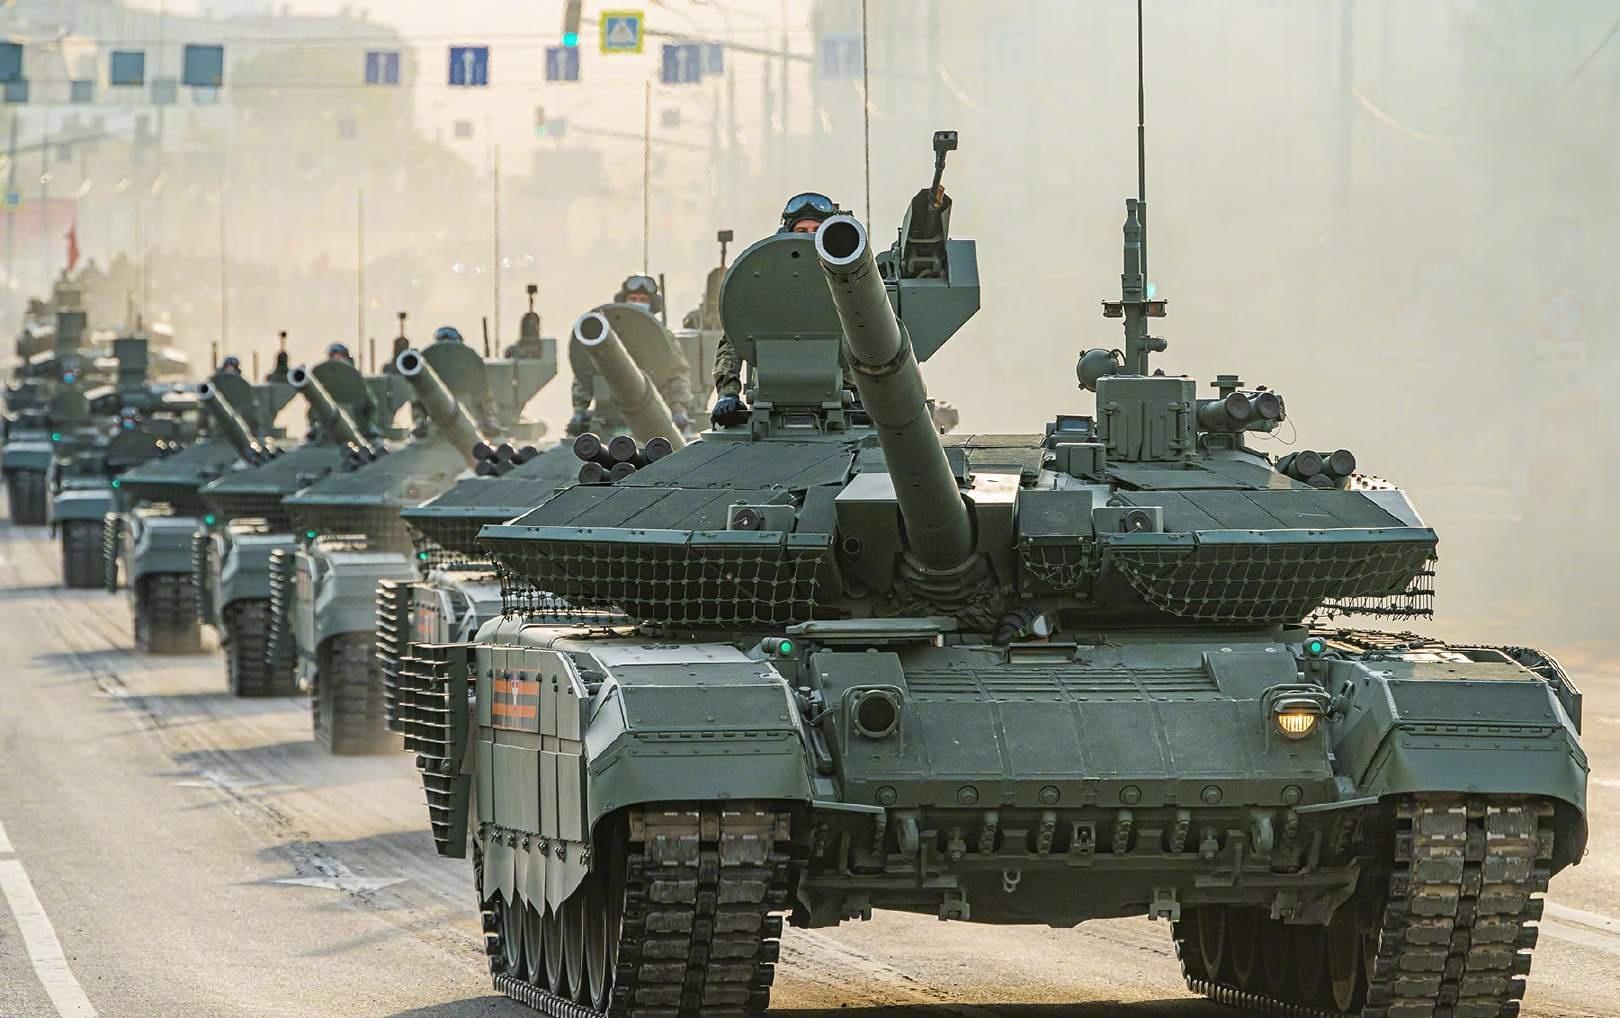 俄罗斯十万大军压向乌克兰边境!乌克兰不但不紧张,反而有点兴奋